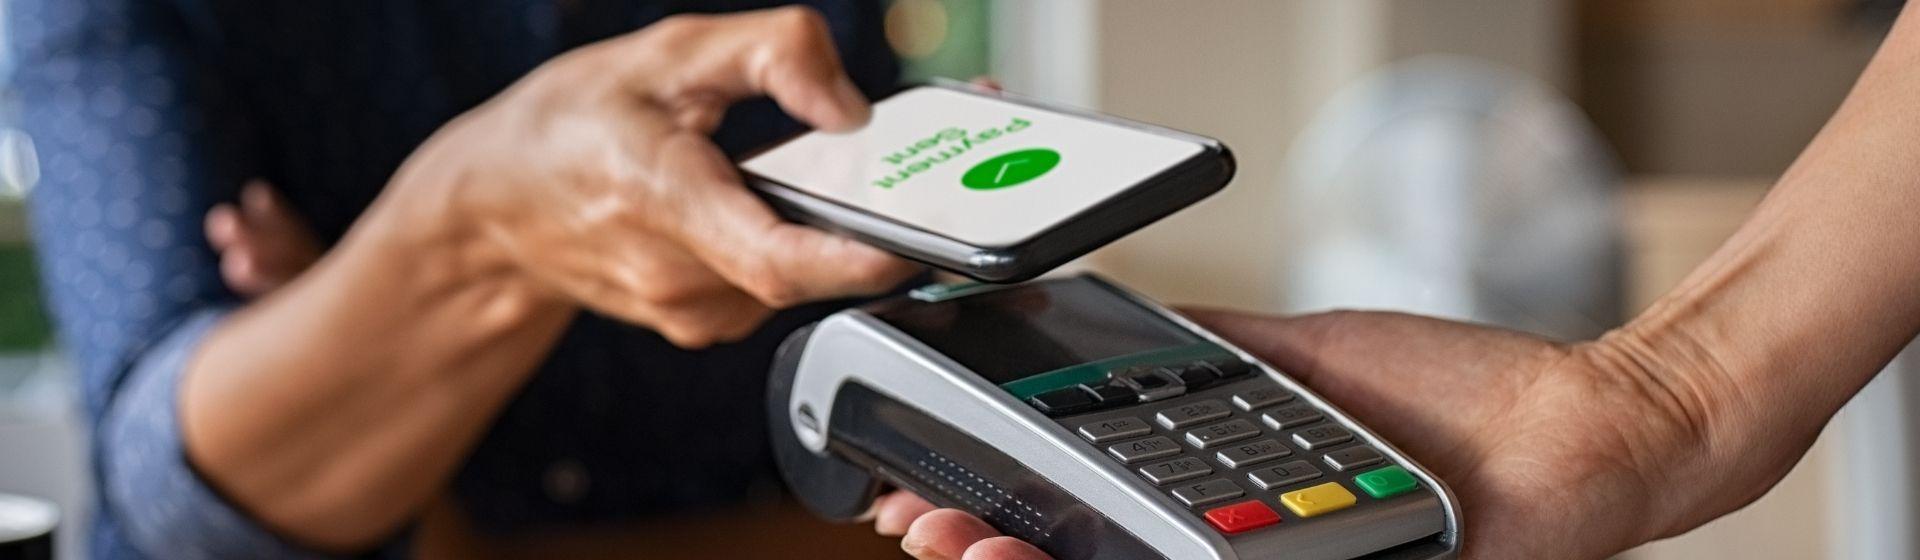 O que é celular com NFC?